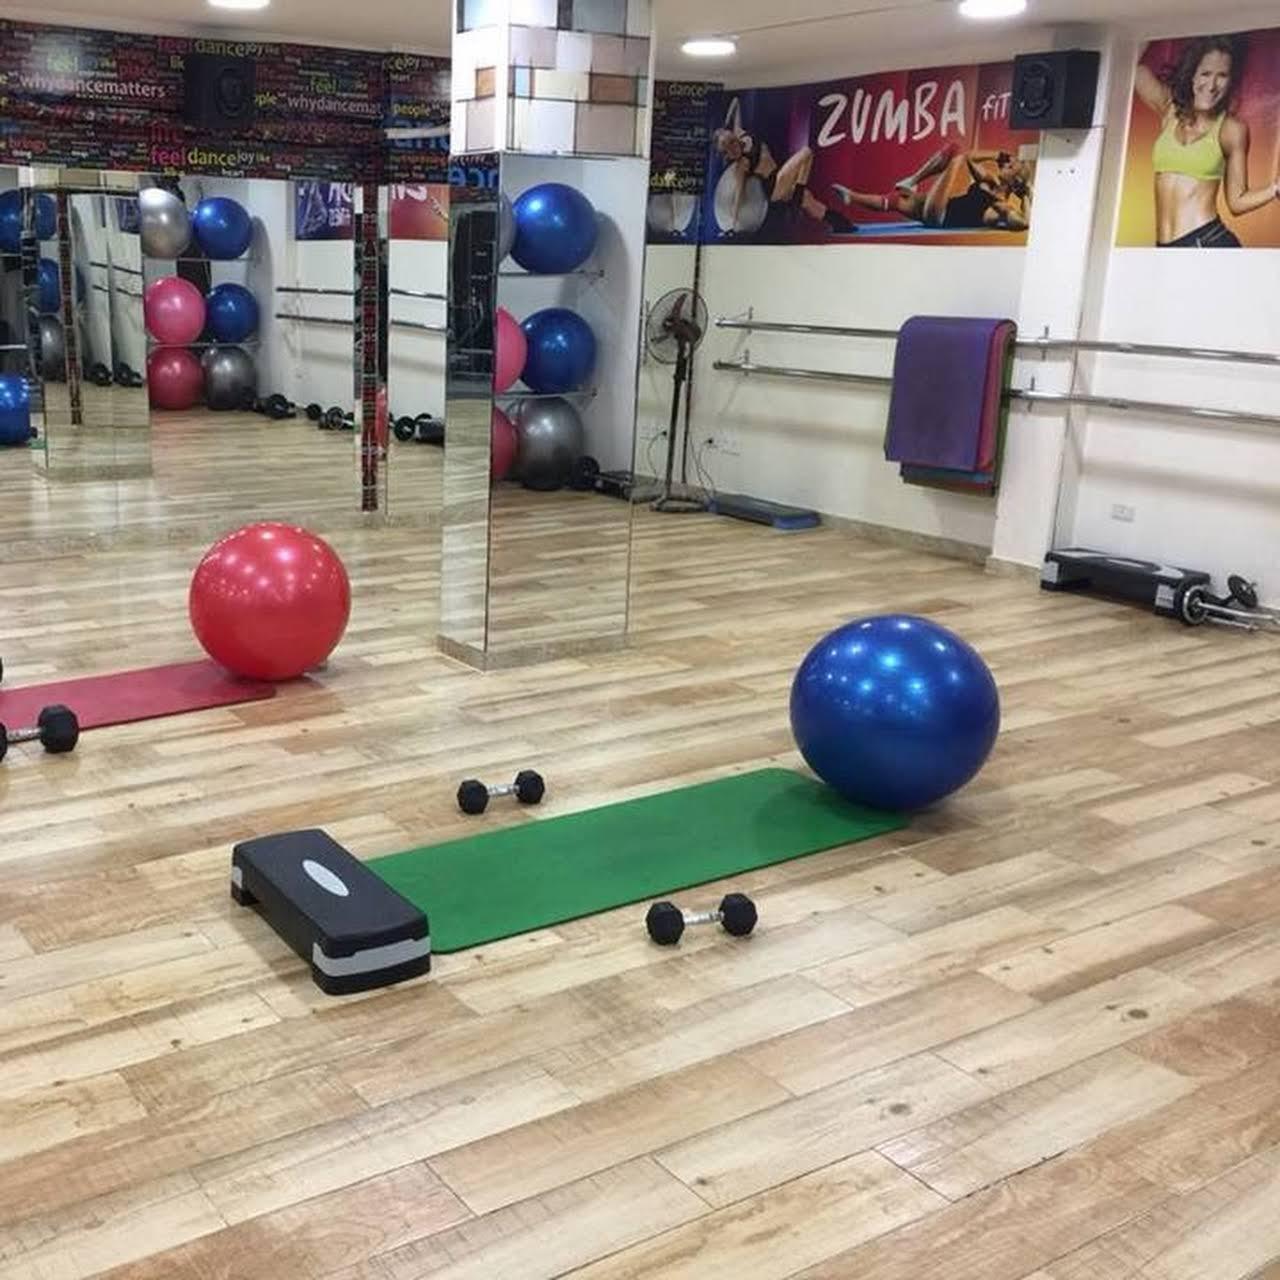 جيم ريجوفن للسيدات باسيوط Rejuven8 Women Gym Fitness Centre